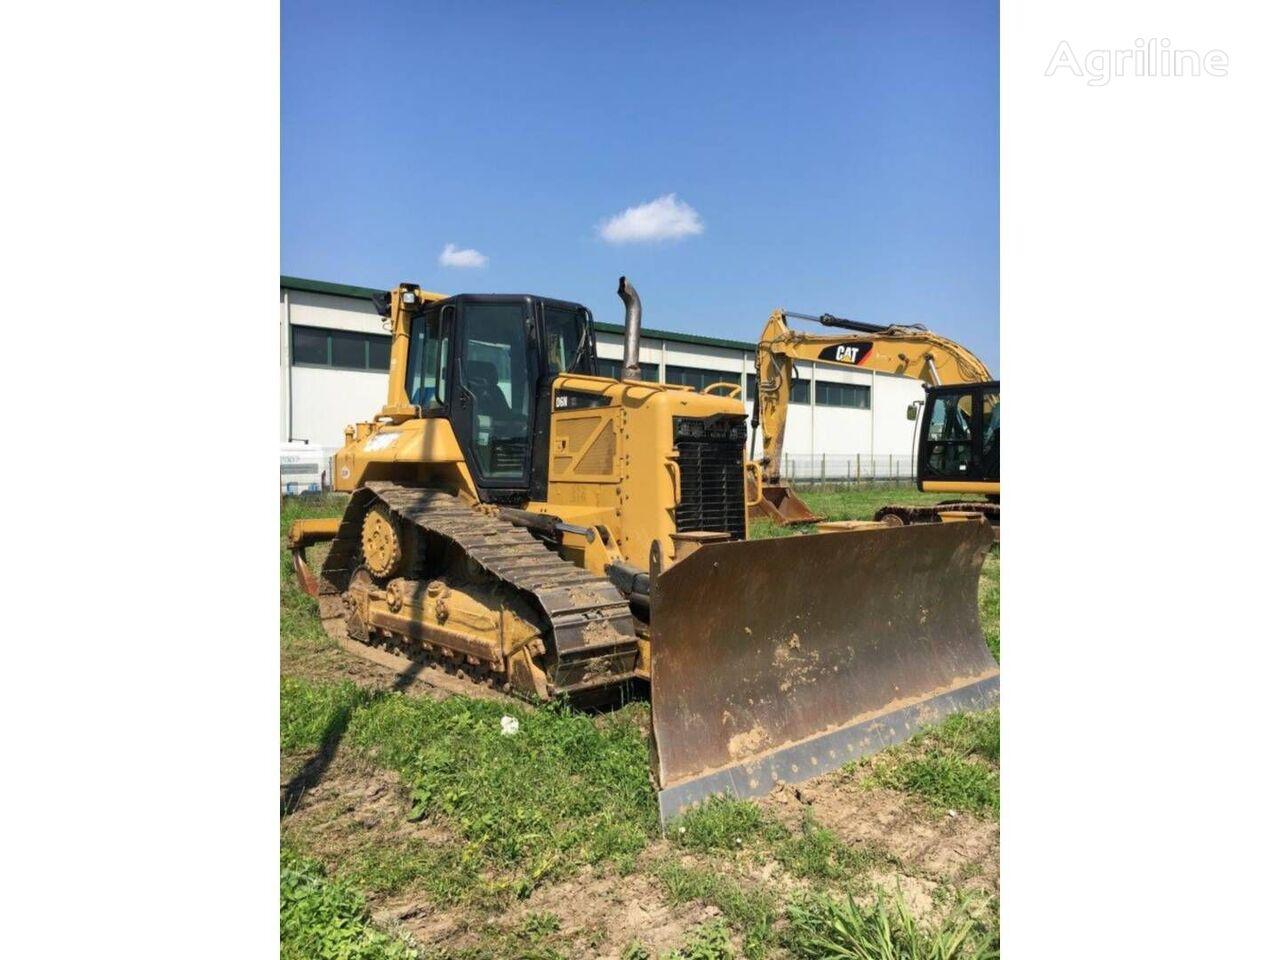 CATERPILLAR D6NXL crawler tractor